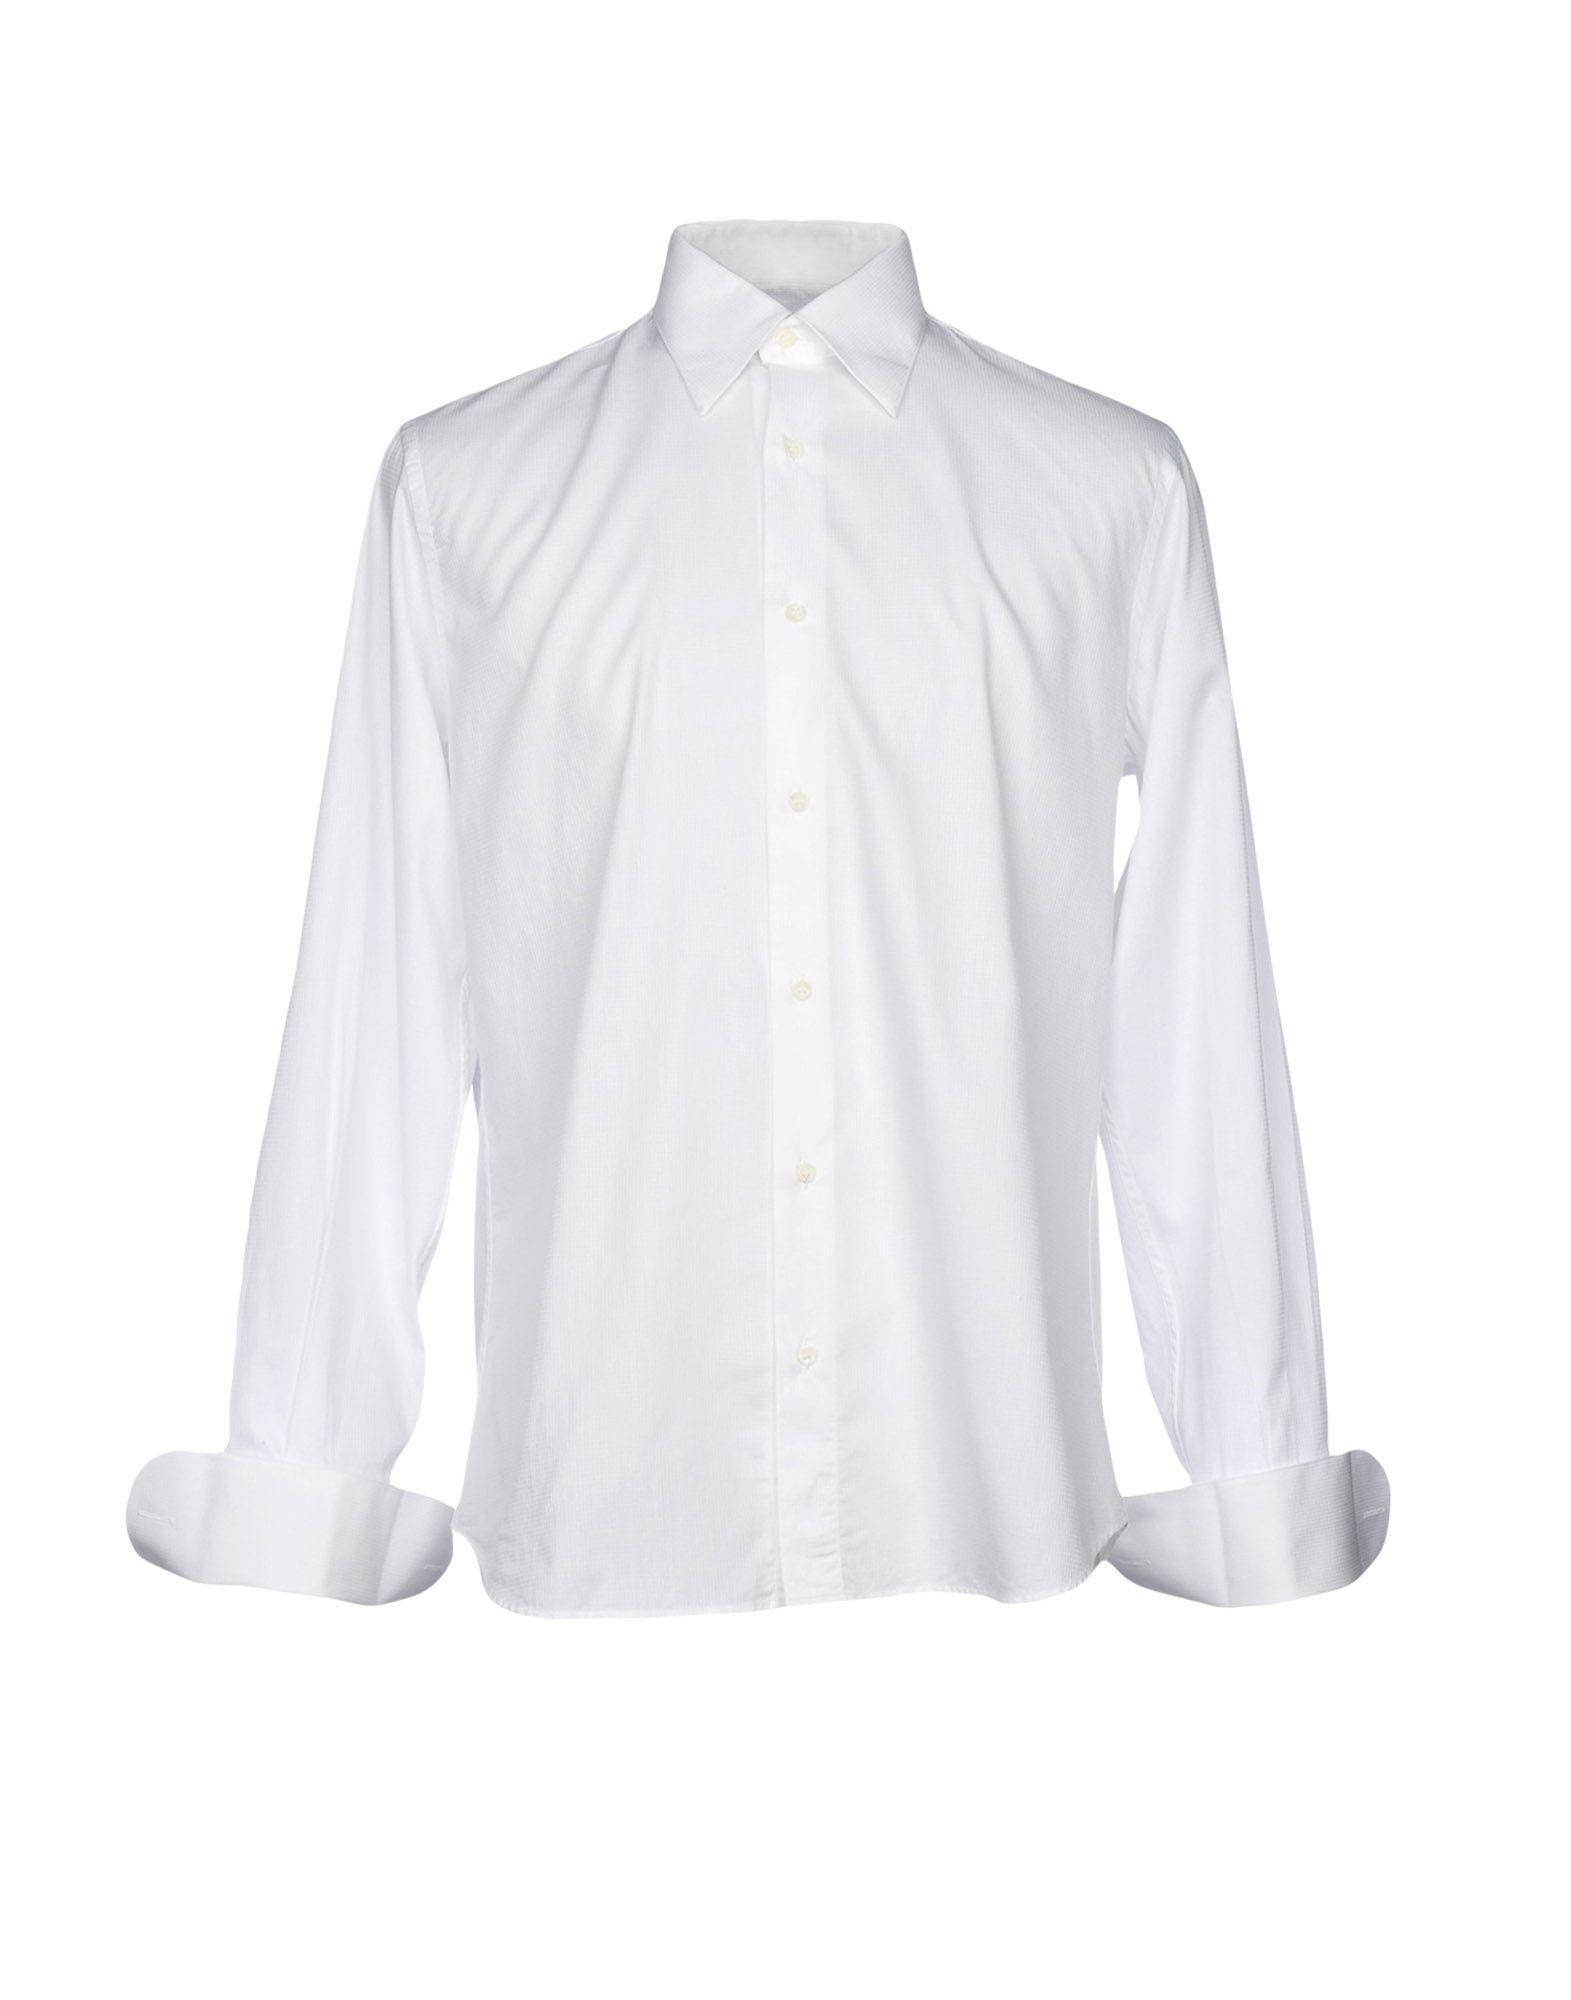 Camicia Tinta Unita Gianmarco Gianmarco Unita Bonaga Uomo - 38738590IQ 504102